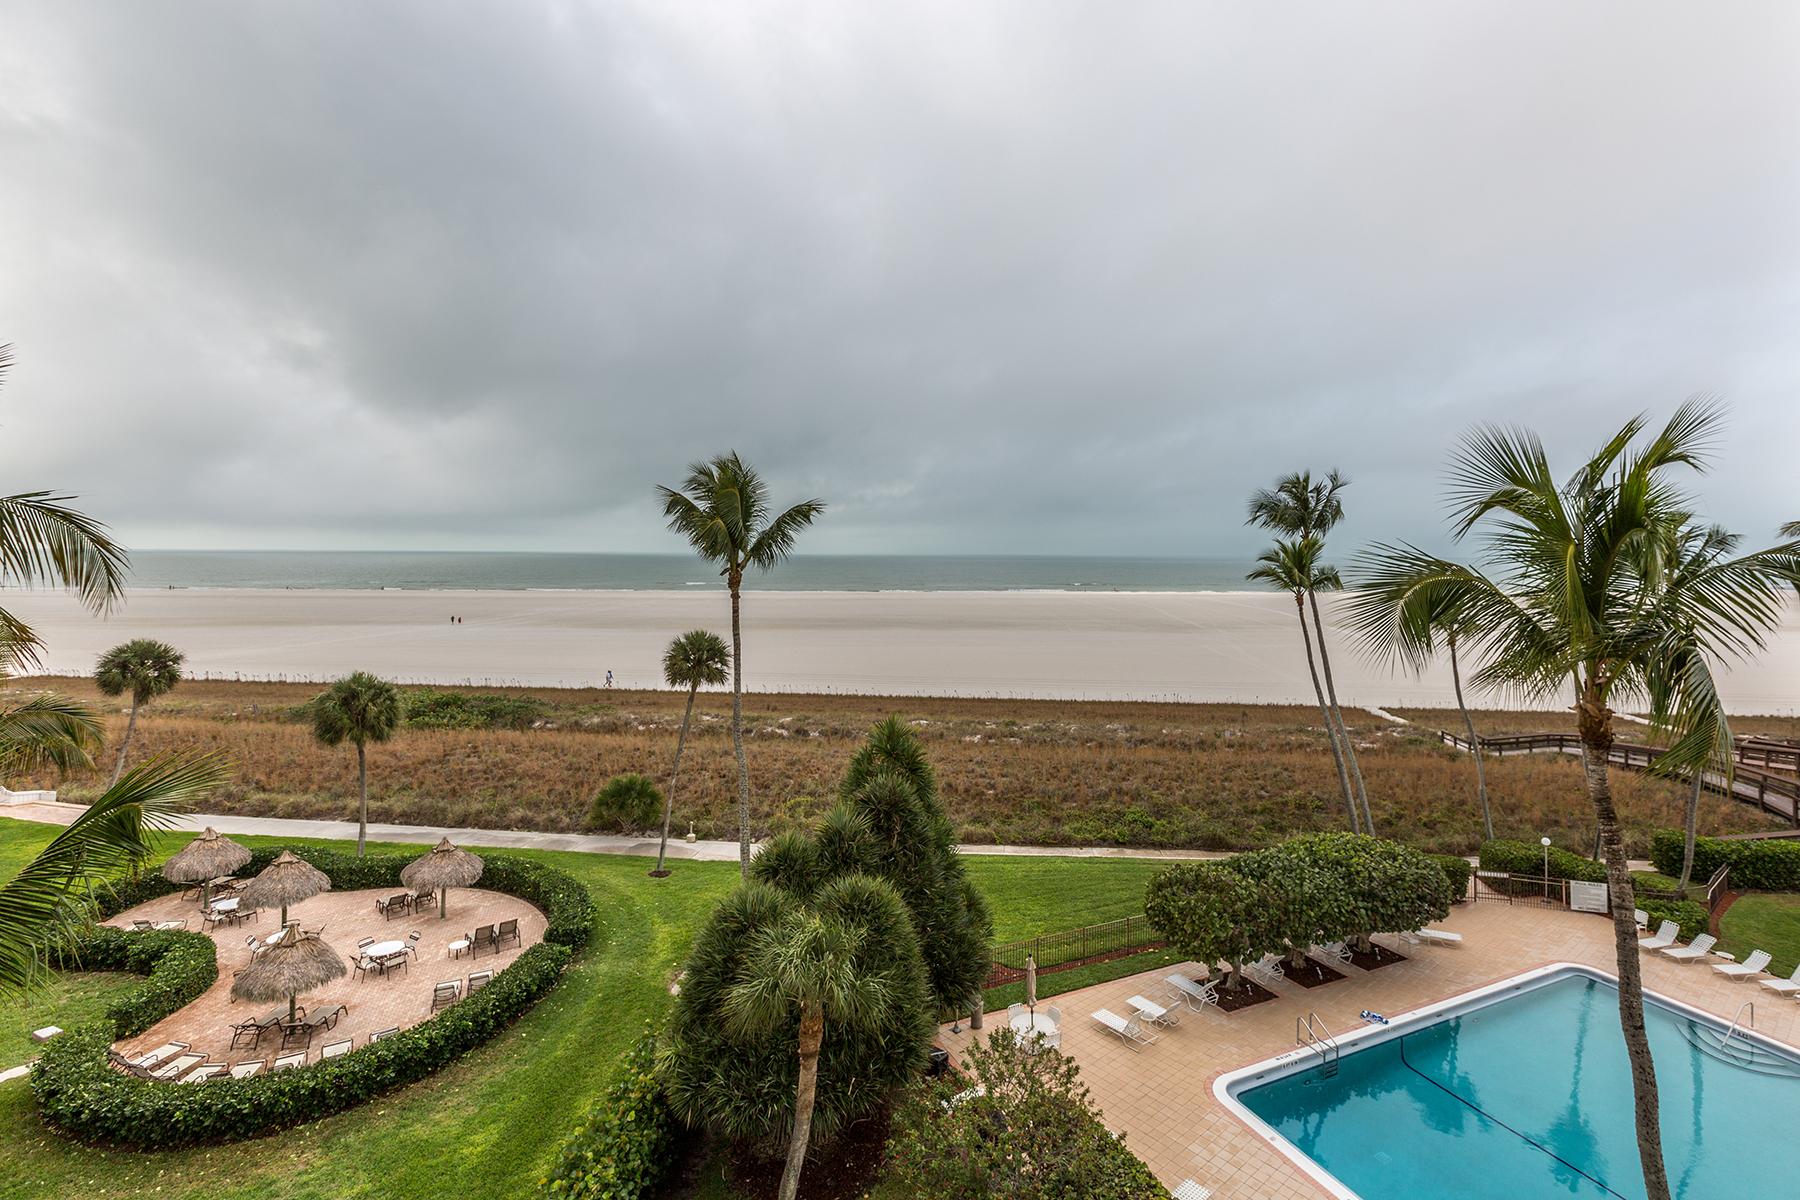 Eigentumswohnung für Verkauf beim 500 Saturn Ct , Marco Island, FL 34145 500 Saturn Ct 53 Marco Island, Florida, 34145 Vereinigte Staaten